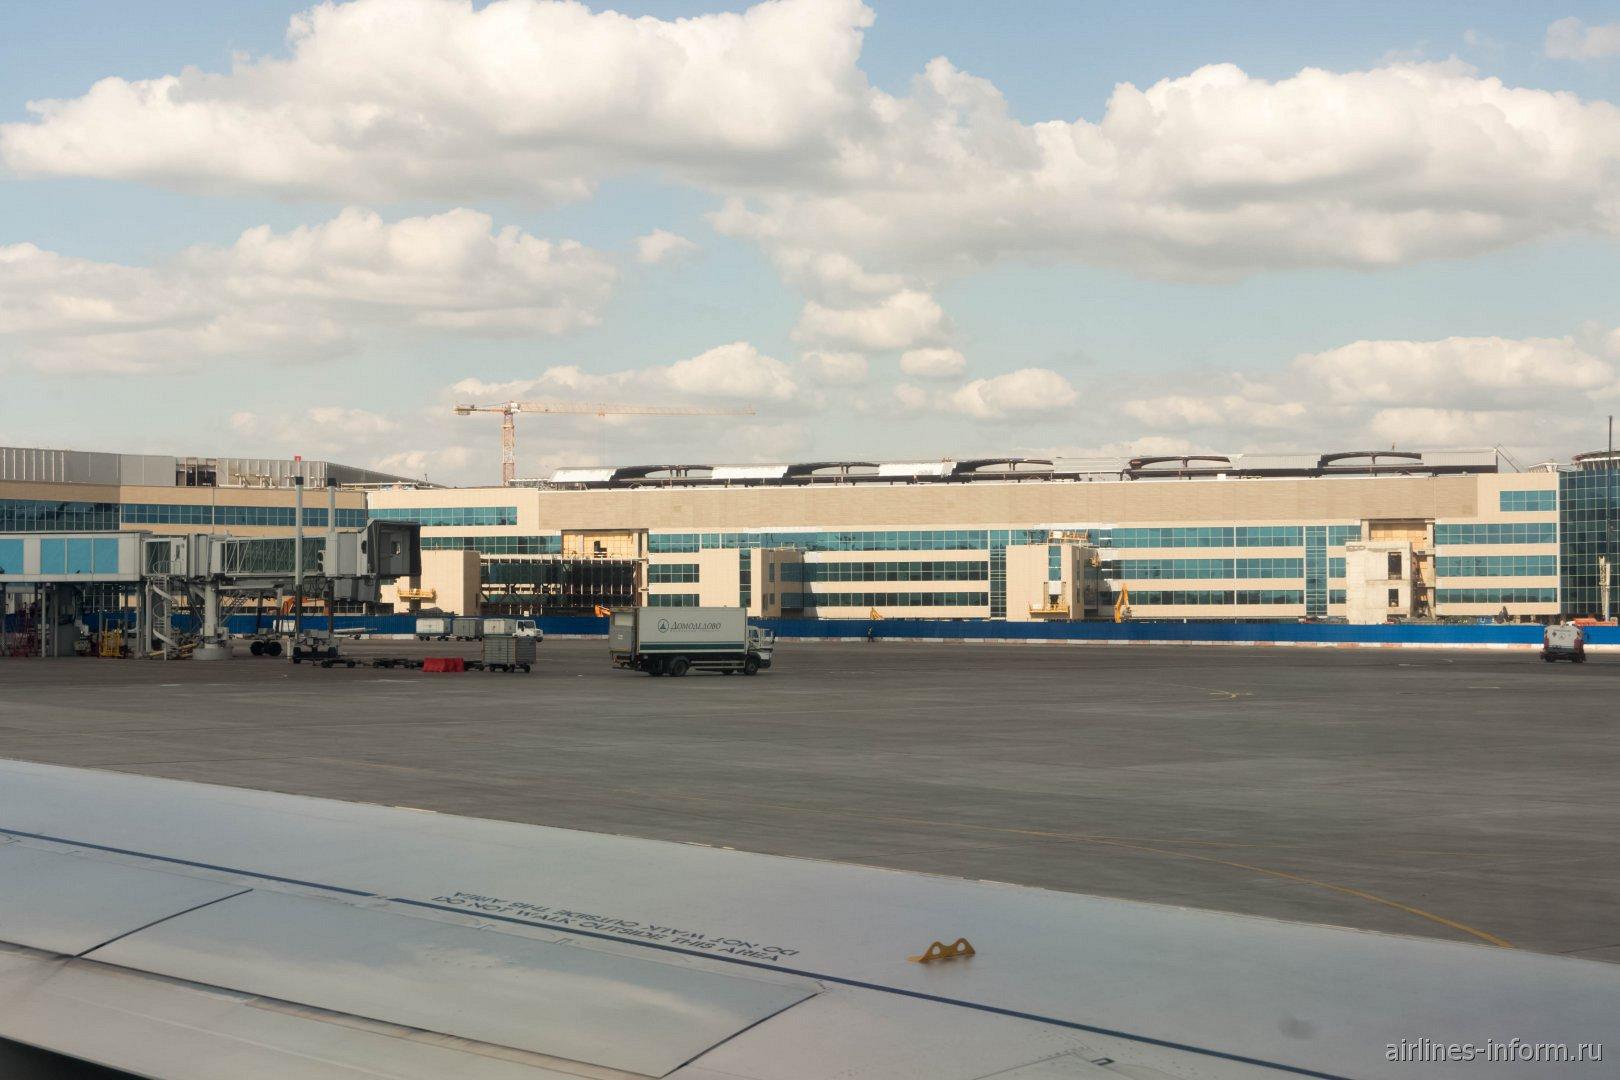 Строительство нового терминала в аэропорту Домодедово